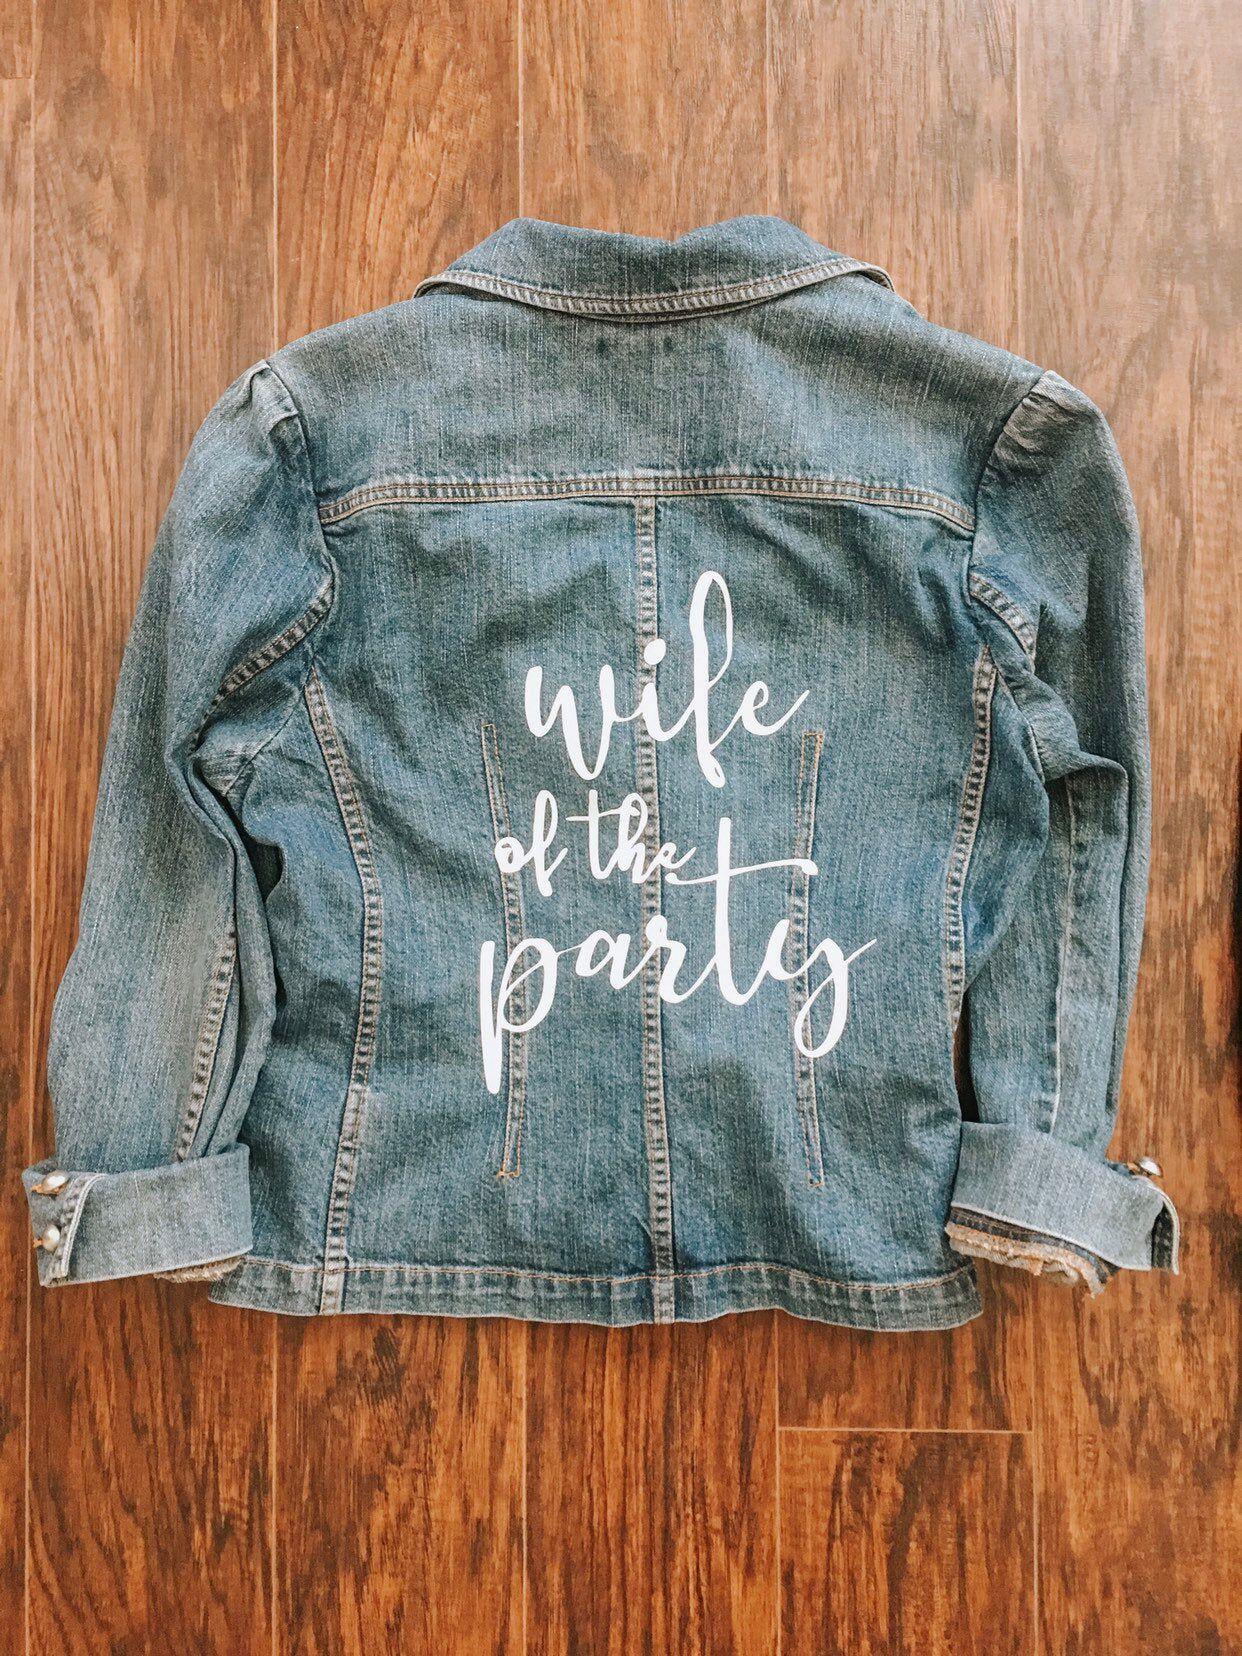 Wife Of The Party Custom Jean Jacket Bride Bachelorette Etsy In 2020 Custom Jean Jacket Honeymoon Bridal Showers Bride Bachelorette [ 1656 x 1242 Pixel ]